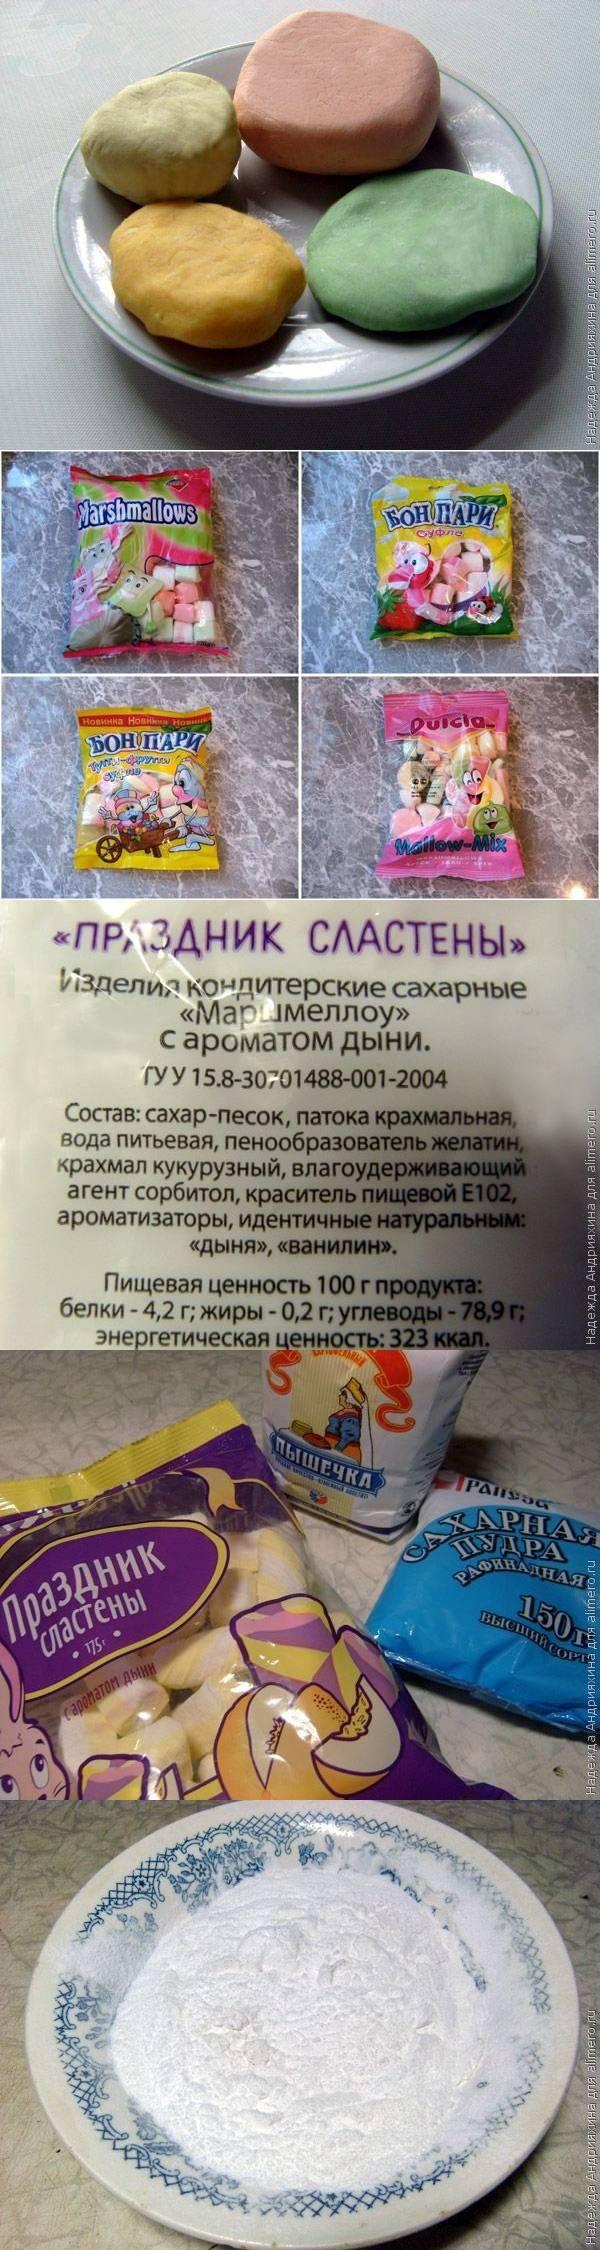 Мастика для торта из маршмеллоу рецепт в домашних условиях